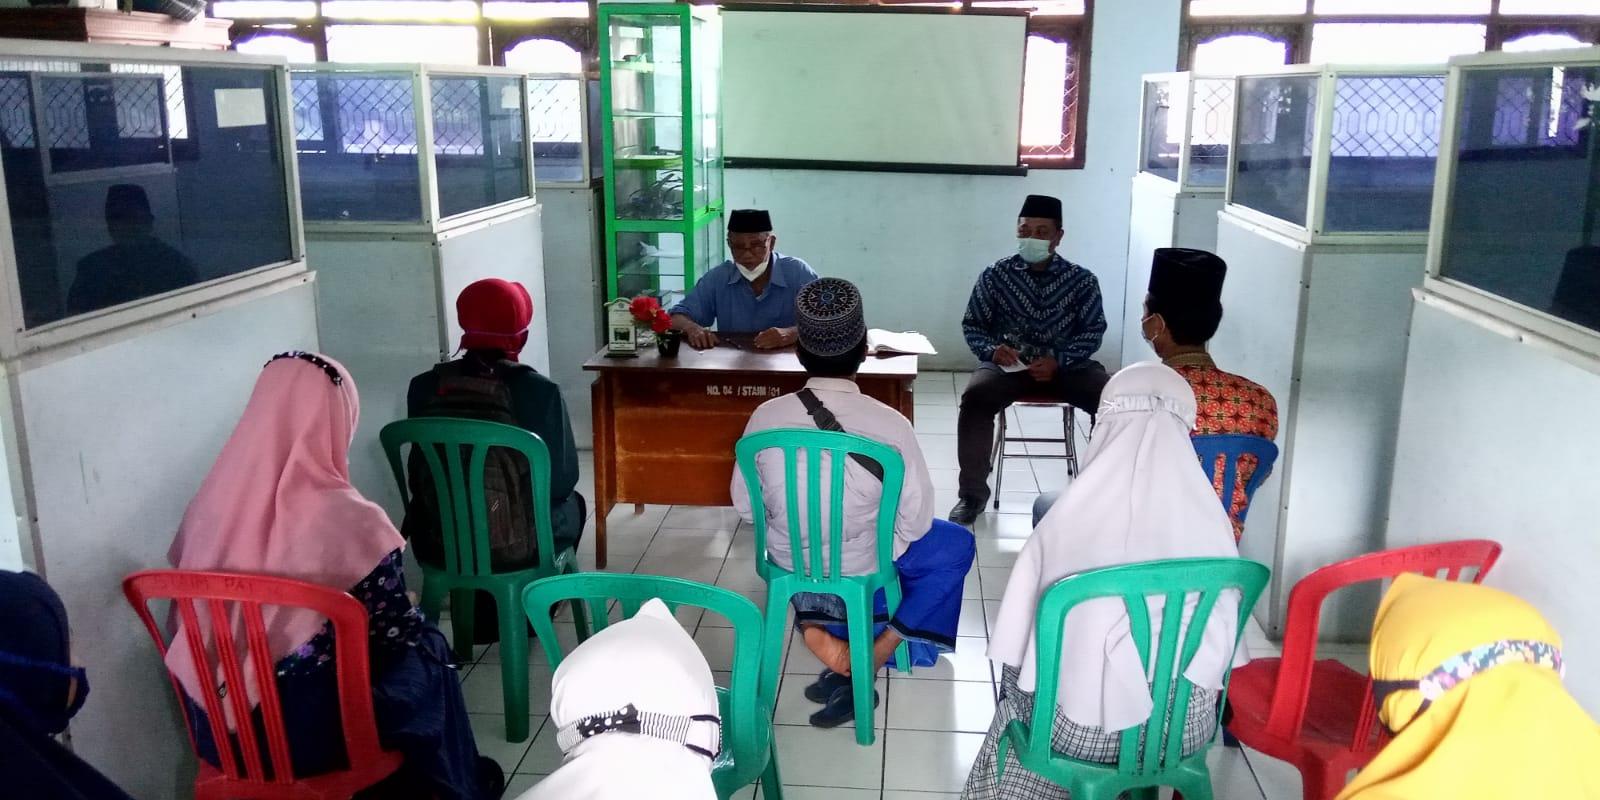 STAIM ADAKAN PEMBINAAN TERHADAP MAHASISWA PENERIMA BIDIKMISI 2018 DAN 2019